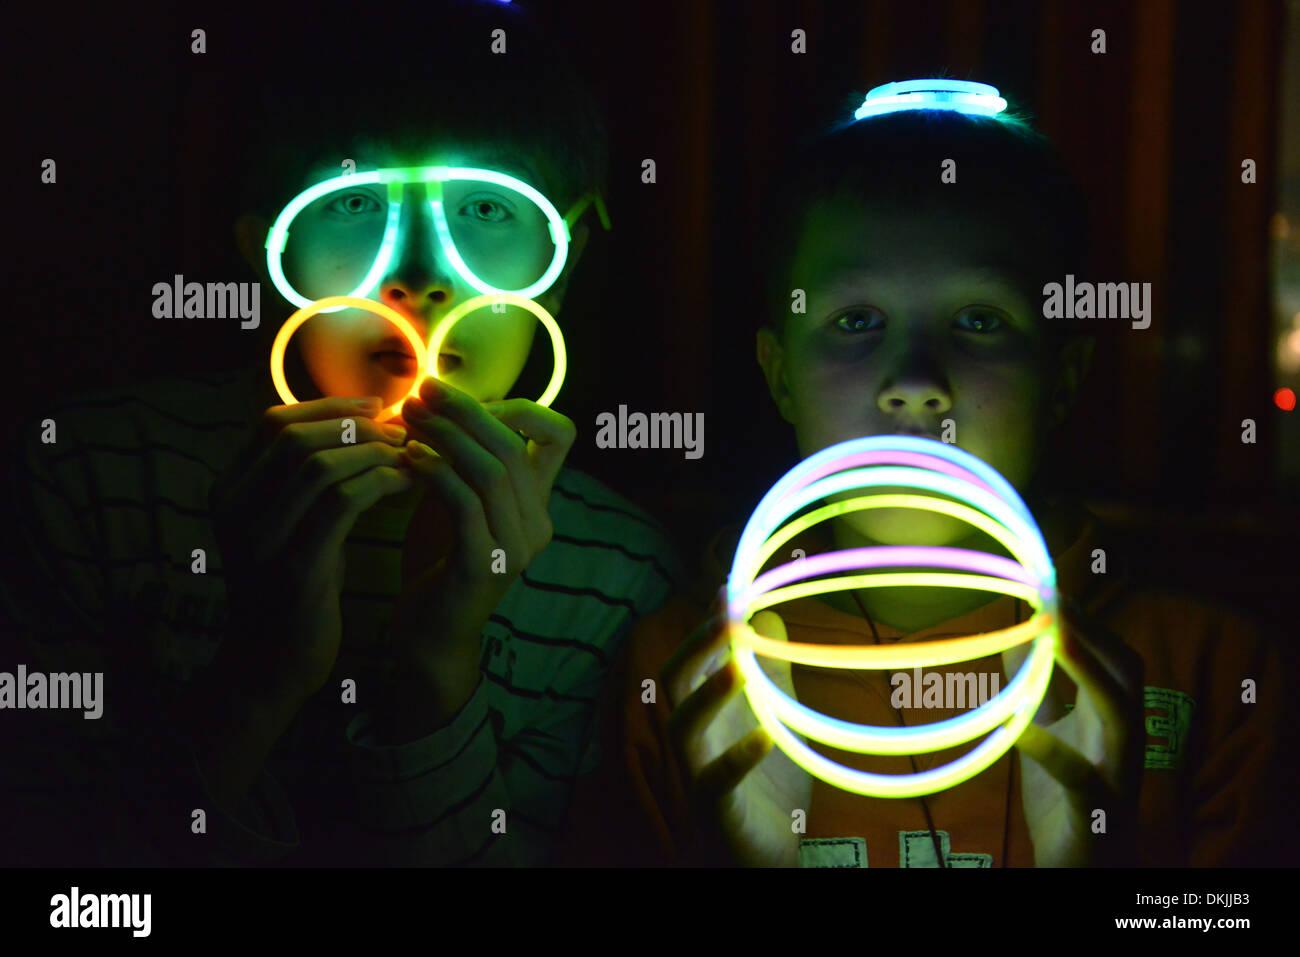 Kinder, Spiel, Leuchtstaebe - Stock Image